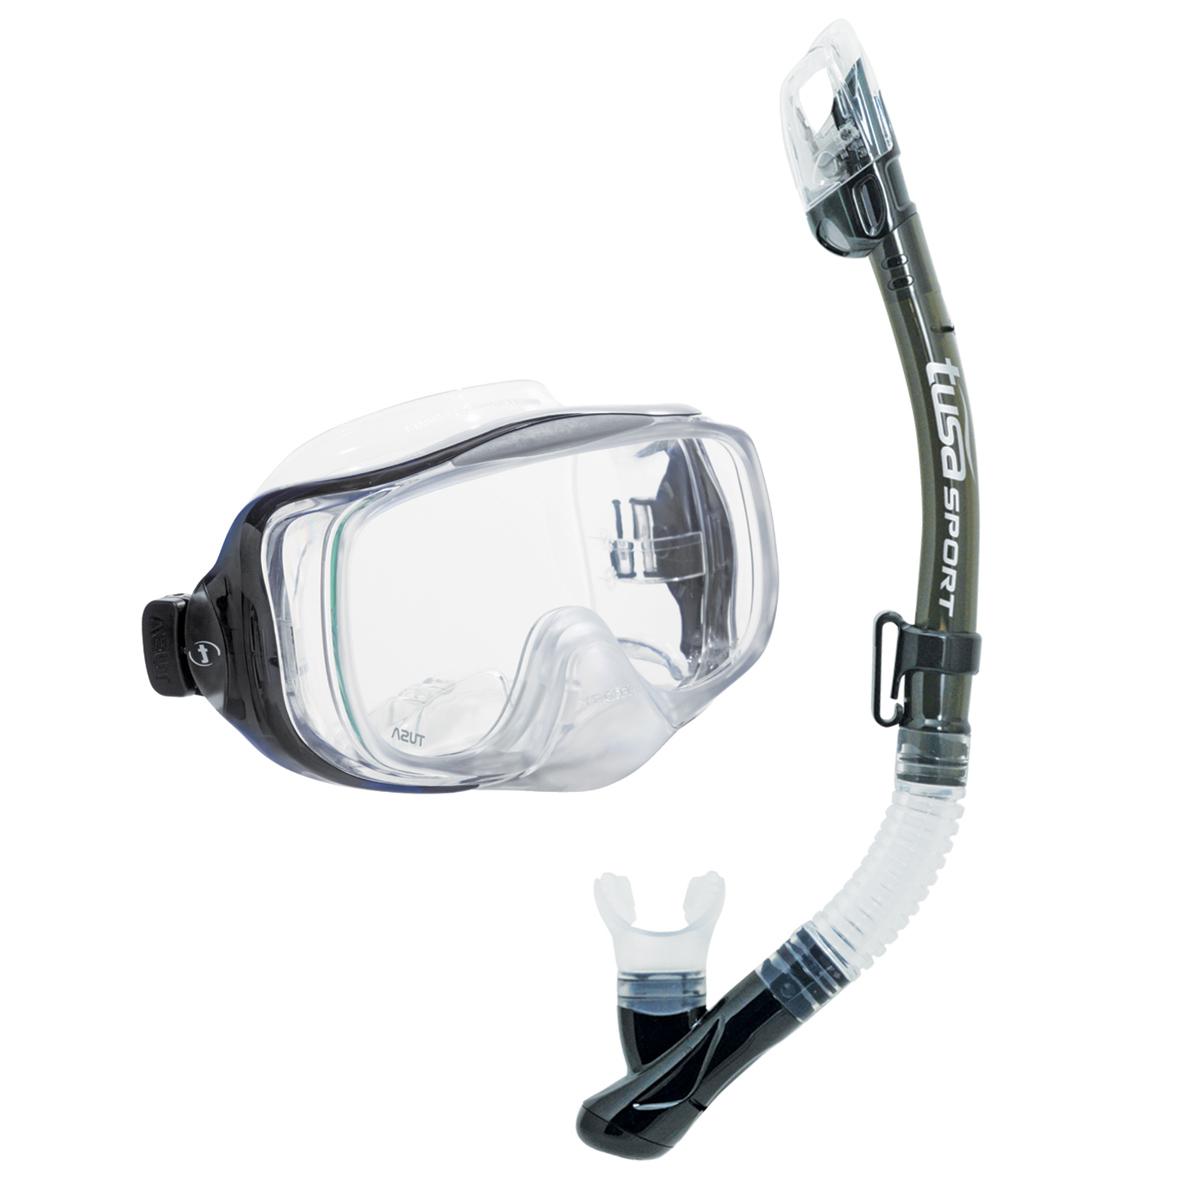 Комплект для подводного плавания Tusa Sport TS UCR3325 SK, (маска+трубка), цвет: черныйTS UCR3325 SKКомплект UCR3325 Imprex 3-D Dry включает трехлинзовую маску с двумя боковыми окошками для улучшенного бокового и панорамного обзора, особой запатентованной TUSA системой Hyperdry, позволяющей легко очищать маску от воды одним выдохом, регулируемыми ремешками с пряжками, закаленным стеклом ClearVu, ремешком и обтюратором из гипоаллергенного прозрачного силикона. Трубка оснащена сухим клапаном с системой TUSA Hyperdry Elite, защищающим трубку от попаданию воды, дренажной камерой и клапаном для легкой очистки трубки от воды, а также гофрированным сегментом и загубником из гипоаллергенного прозрачного силикона. Трубка оснащена нижним клапаном для отвода воды и верхним, который предотвращает попадание воды при заныривании, т.е. верхний клапан при помощи поплавкамеханически закрывает трубку, и в нее не затекает вода. Такие трубки называют трубка с сухим верхним клапаном или сухая трубка.Комплект UCR3325 прекрасно подойдет к ластам UF-14Z или UF-21. Характеристики:Материал: пластик, силикон, стекло. Размер маски: 18,5 см x 10 см. Общая длина трубки: 46 см. Размер упаковки: 50 см x 23 см x 10 см. Производитель: Тайвань. Артикул:TS UCR3325 SK.